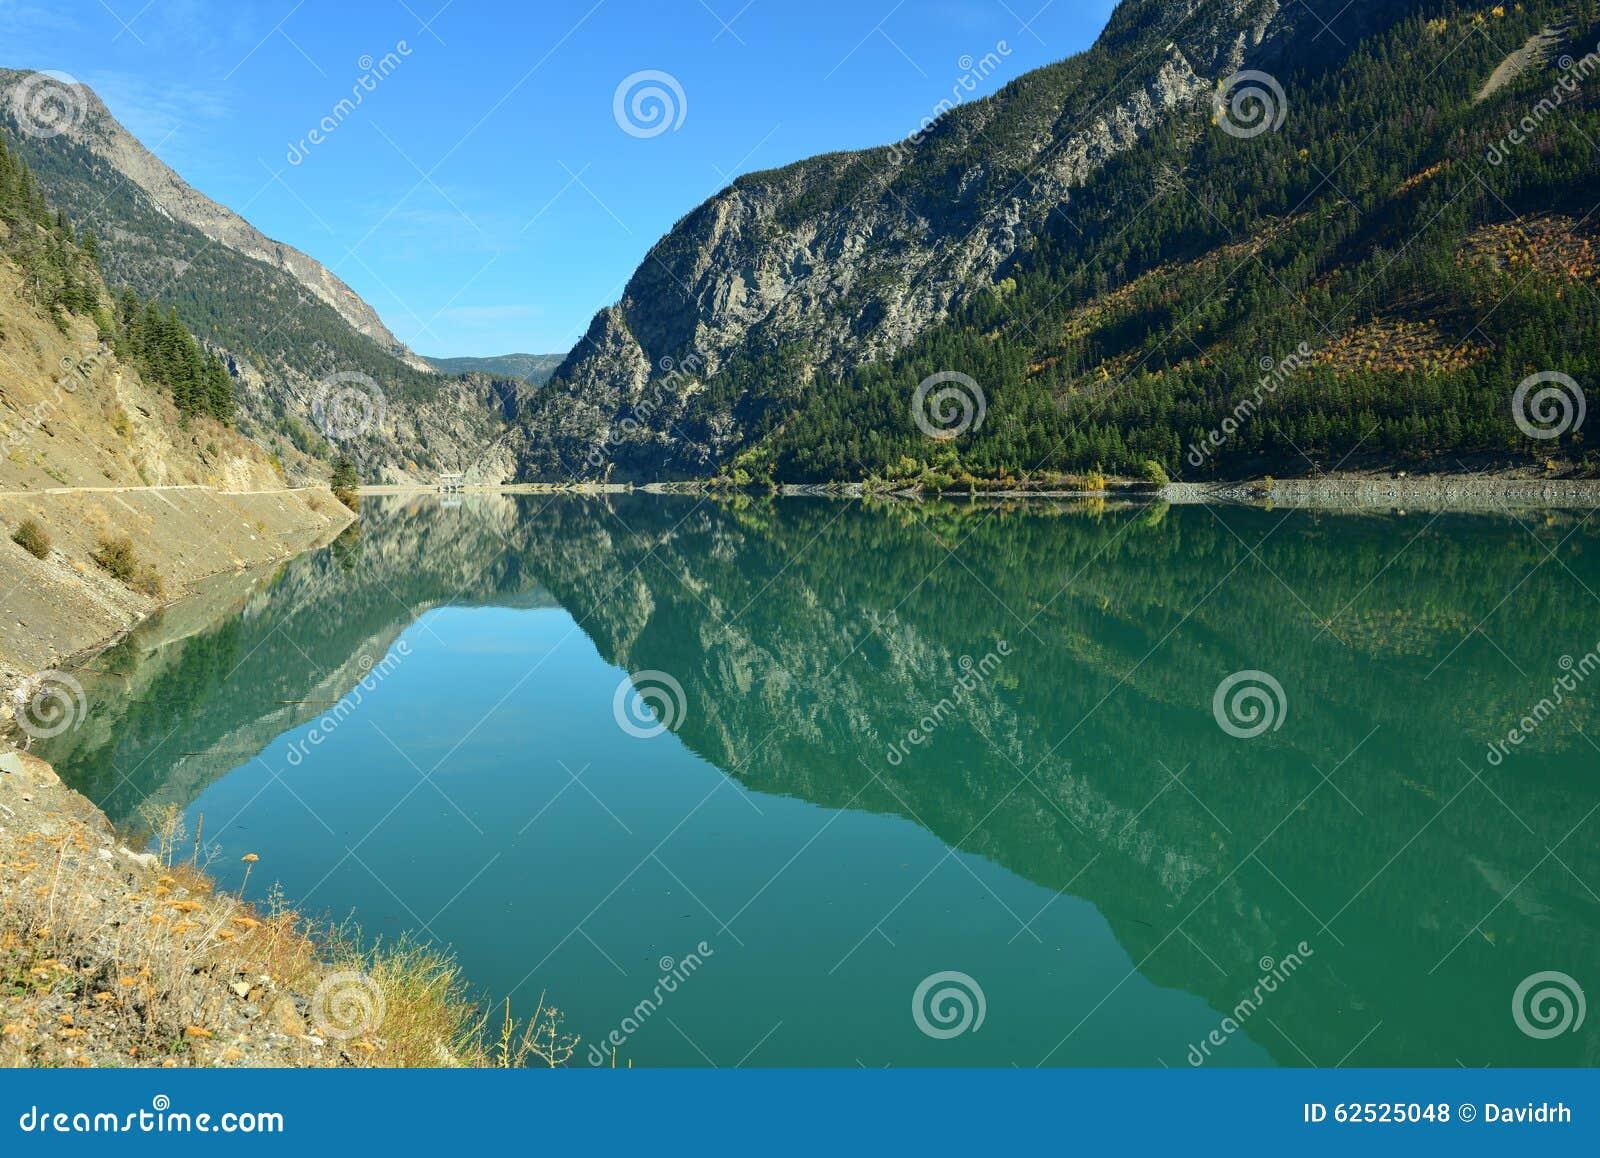 Terzaghi水坝和Carpenter湖水库在Briish哥伦比亚,加州